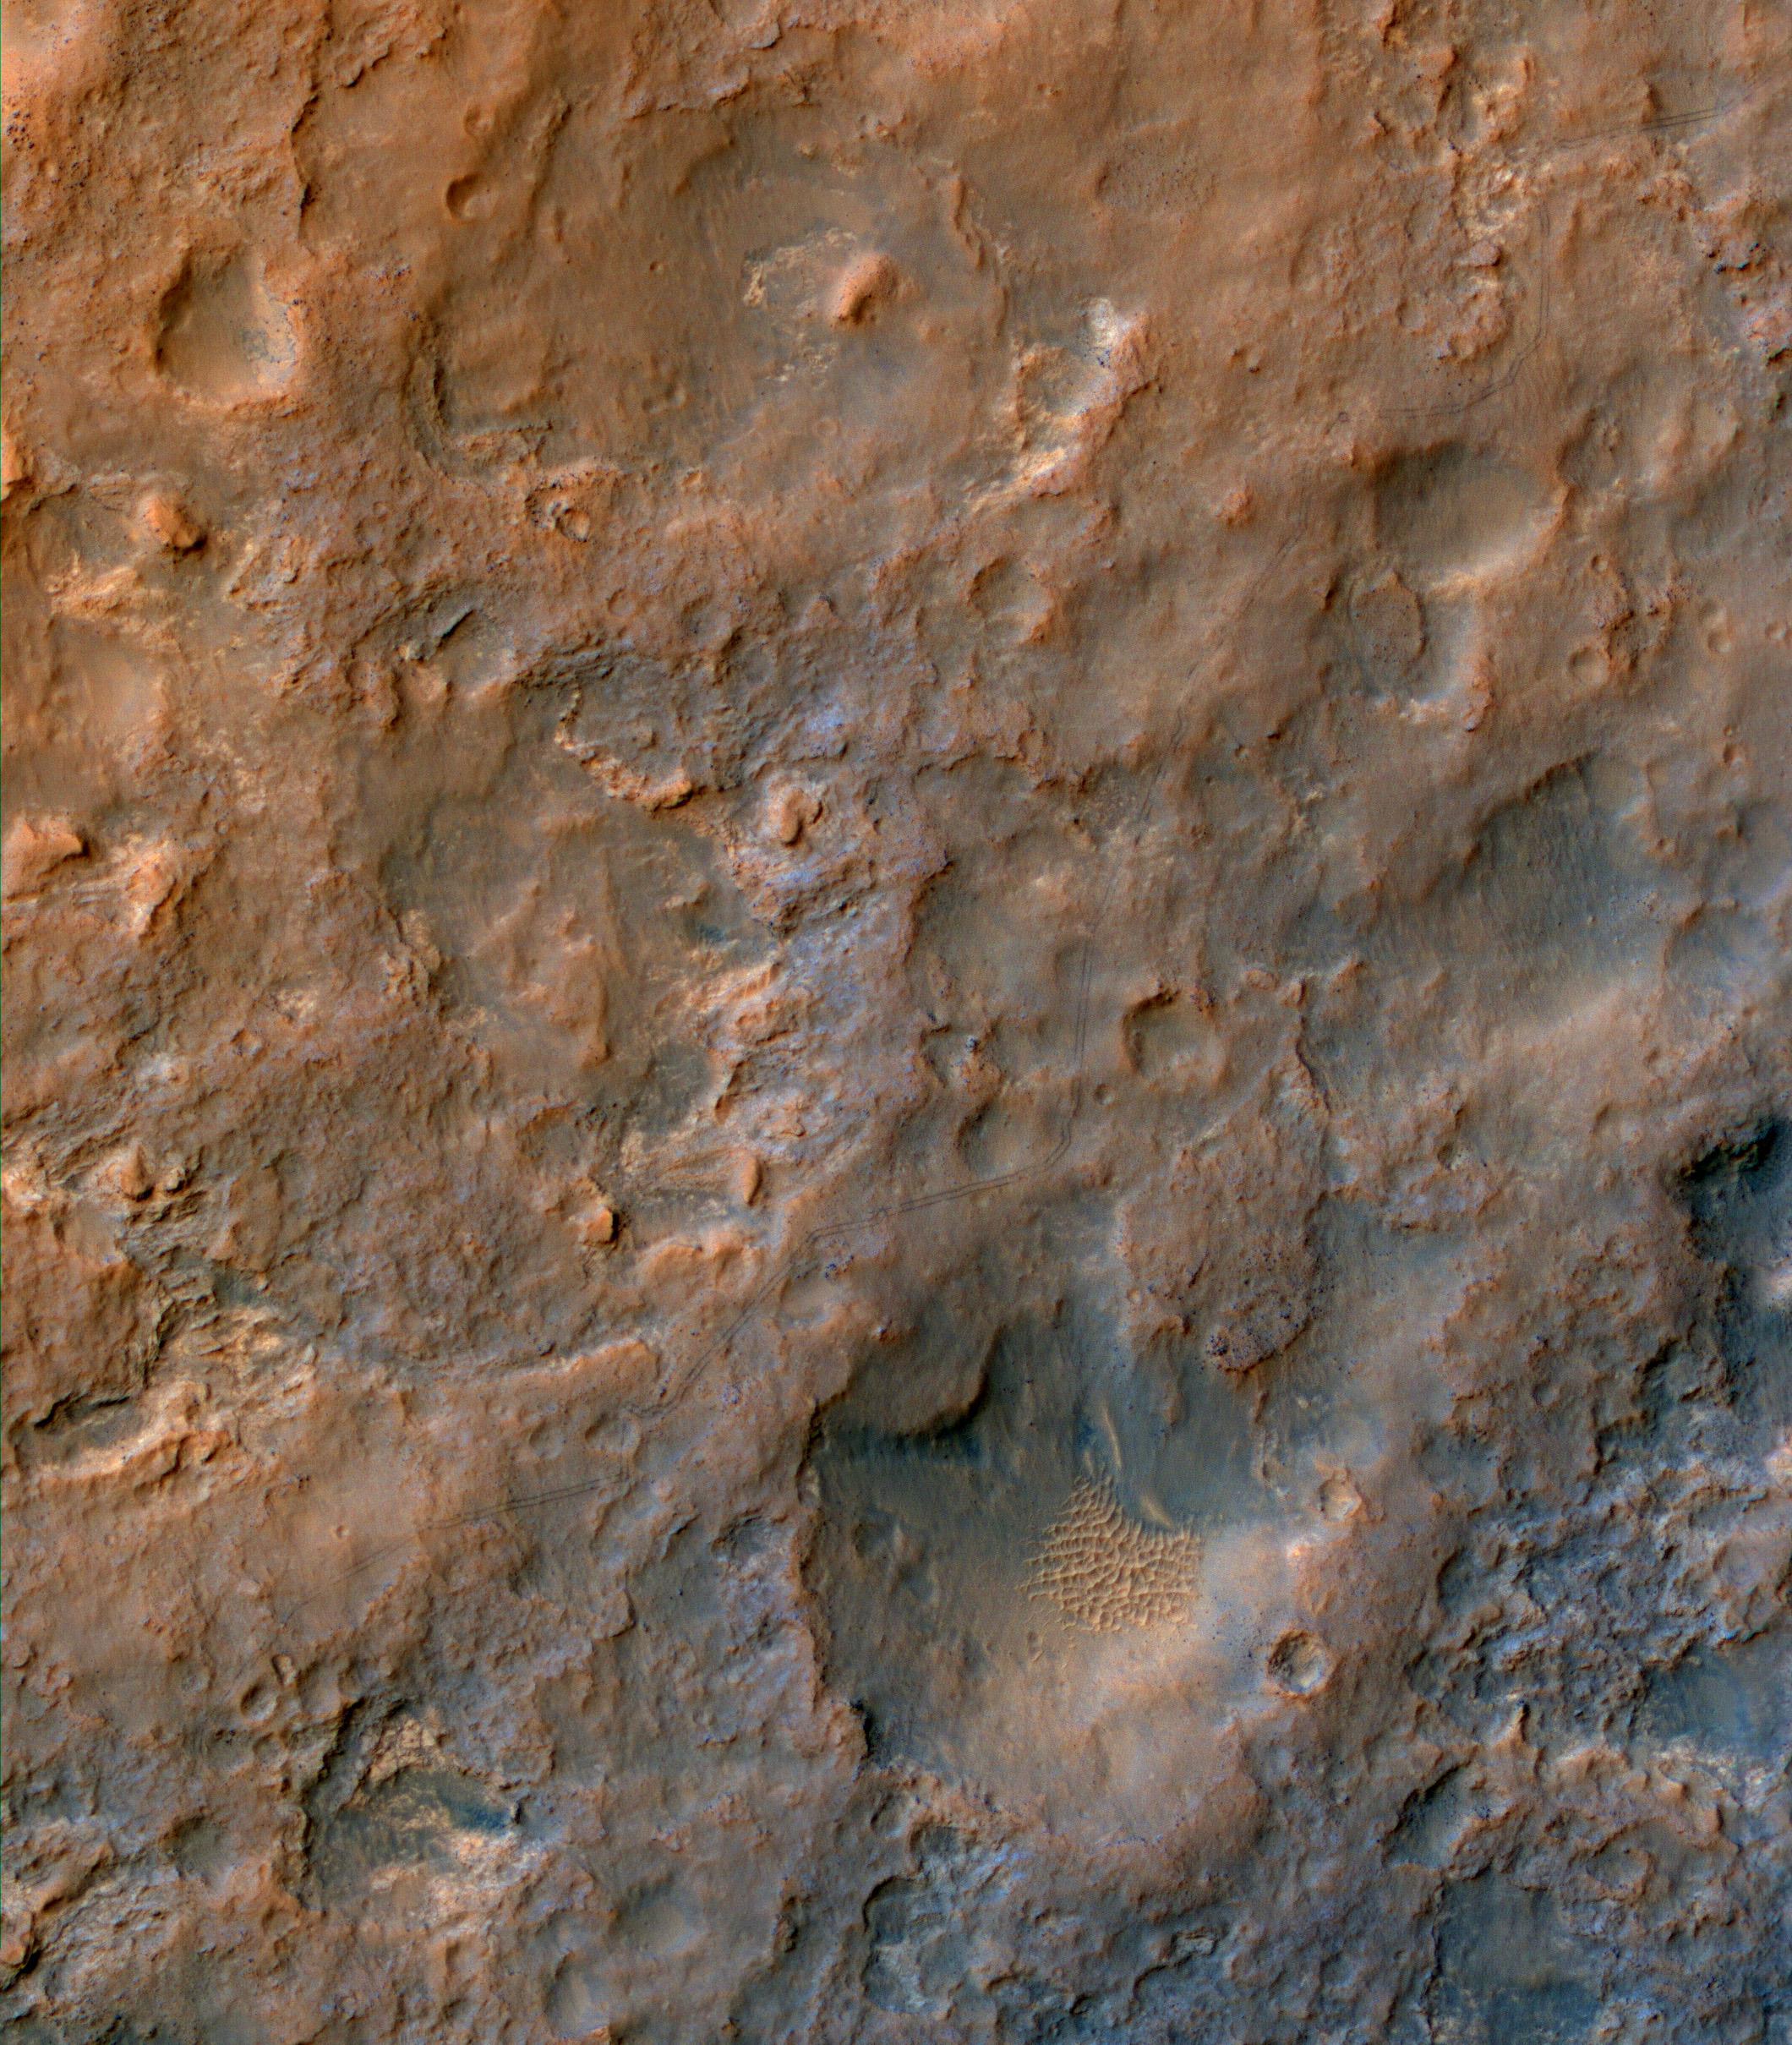 Périple de Curiosity photographié depuis l'espace